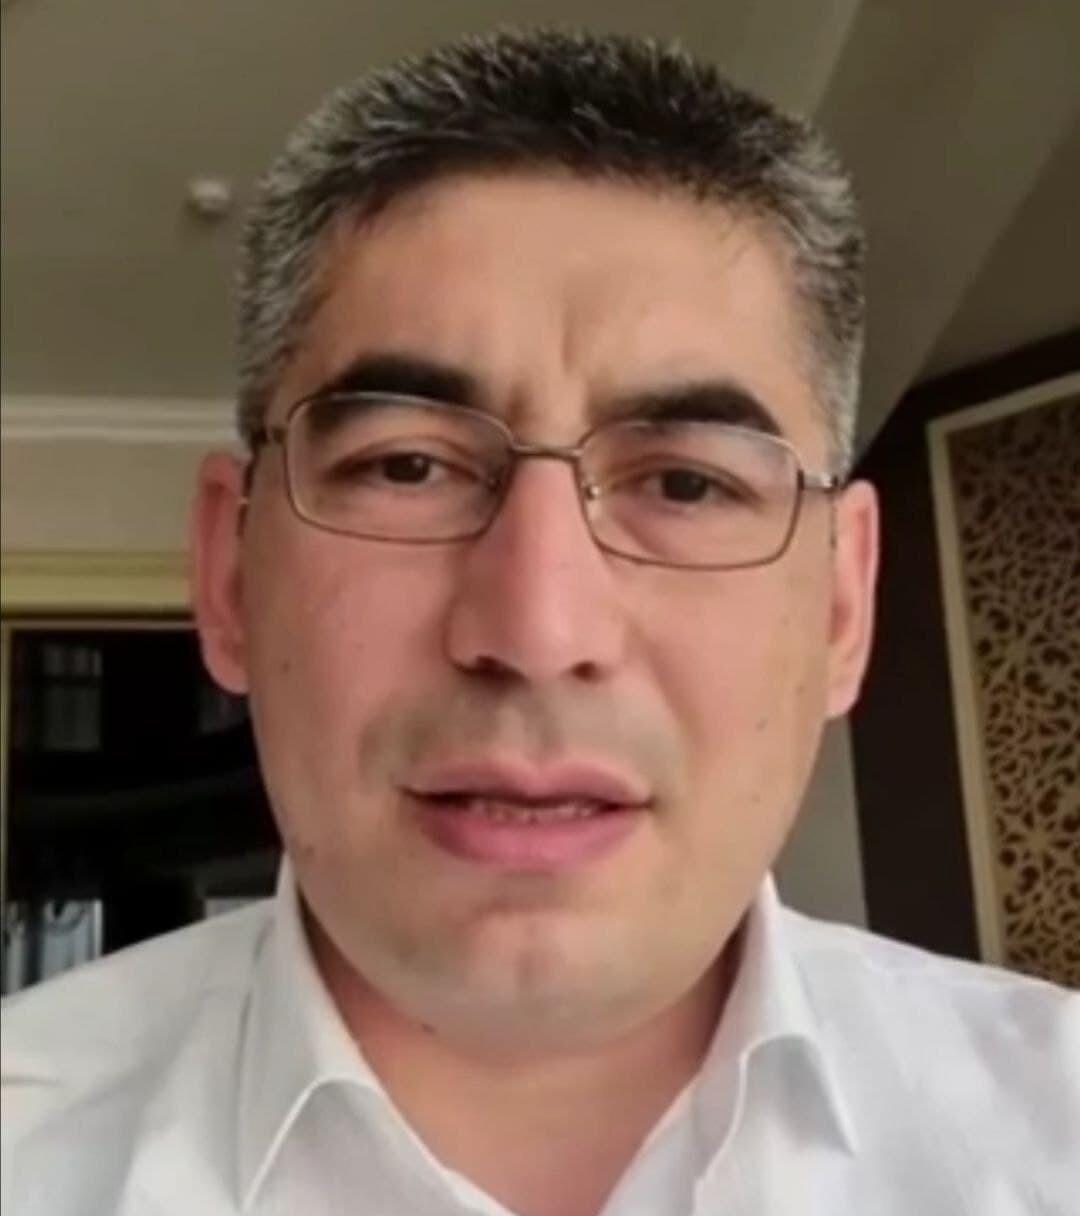 """Видео: """"Я прошу прощения за то, что в системе налоговых органов все еще работают такие сотрудники"""" - Председатель ГНК Узбекистана извинился за своих сотрудников"""